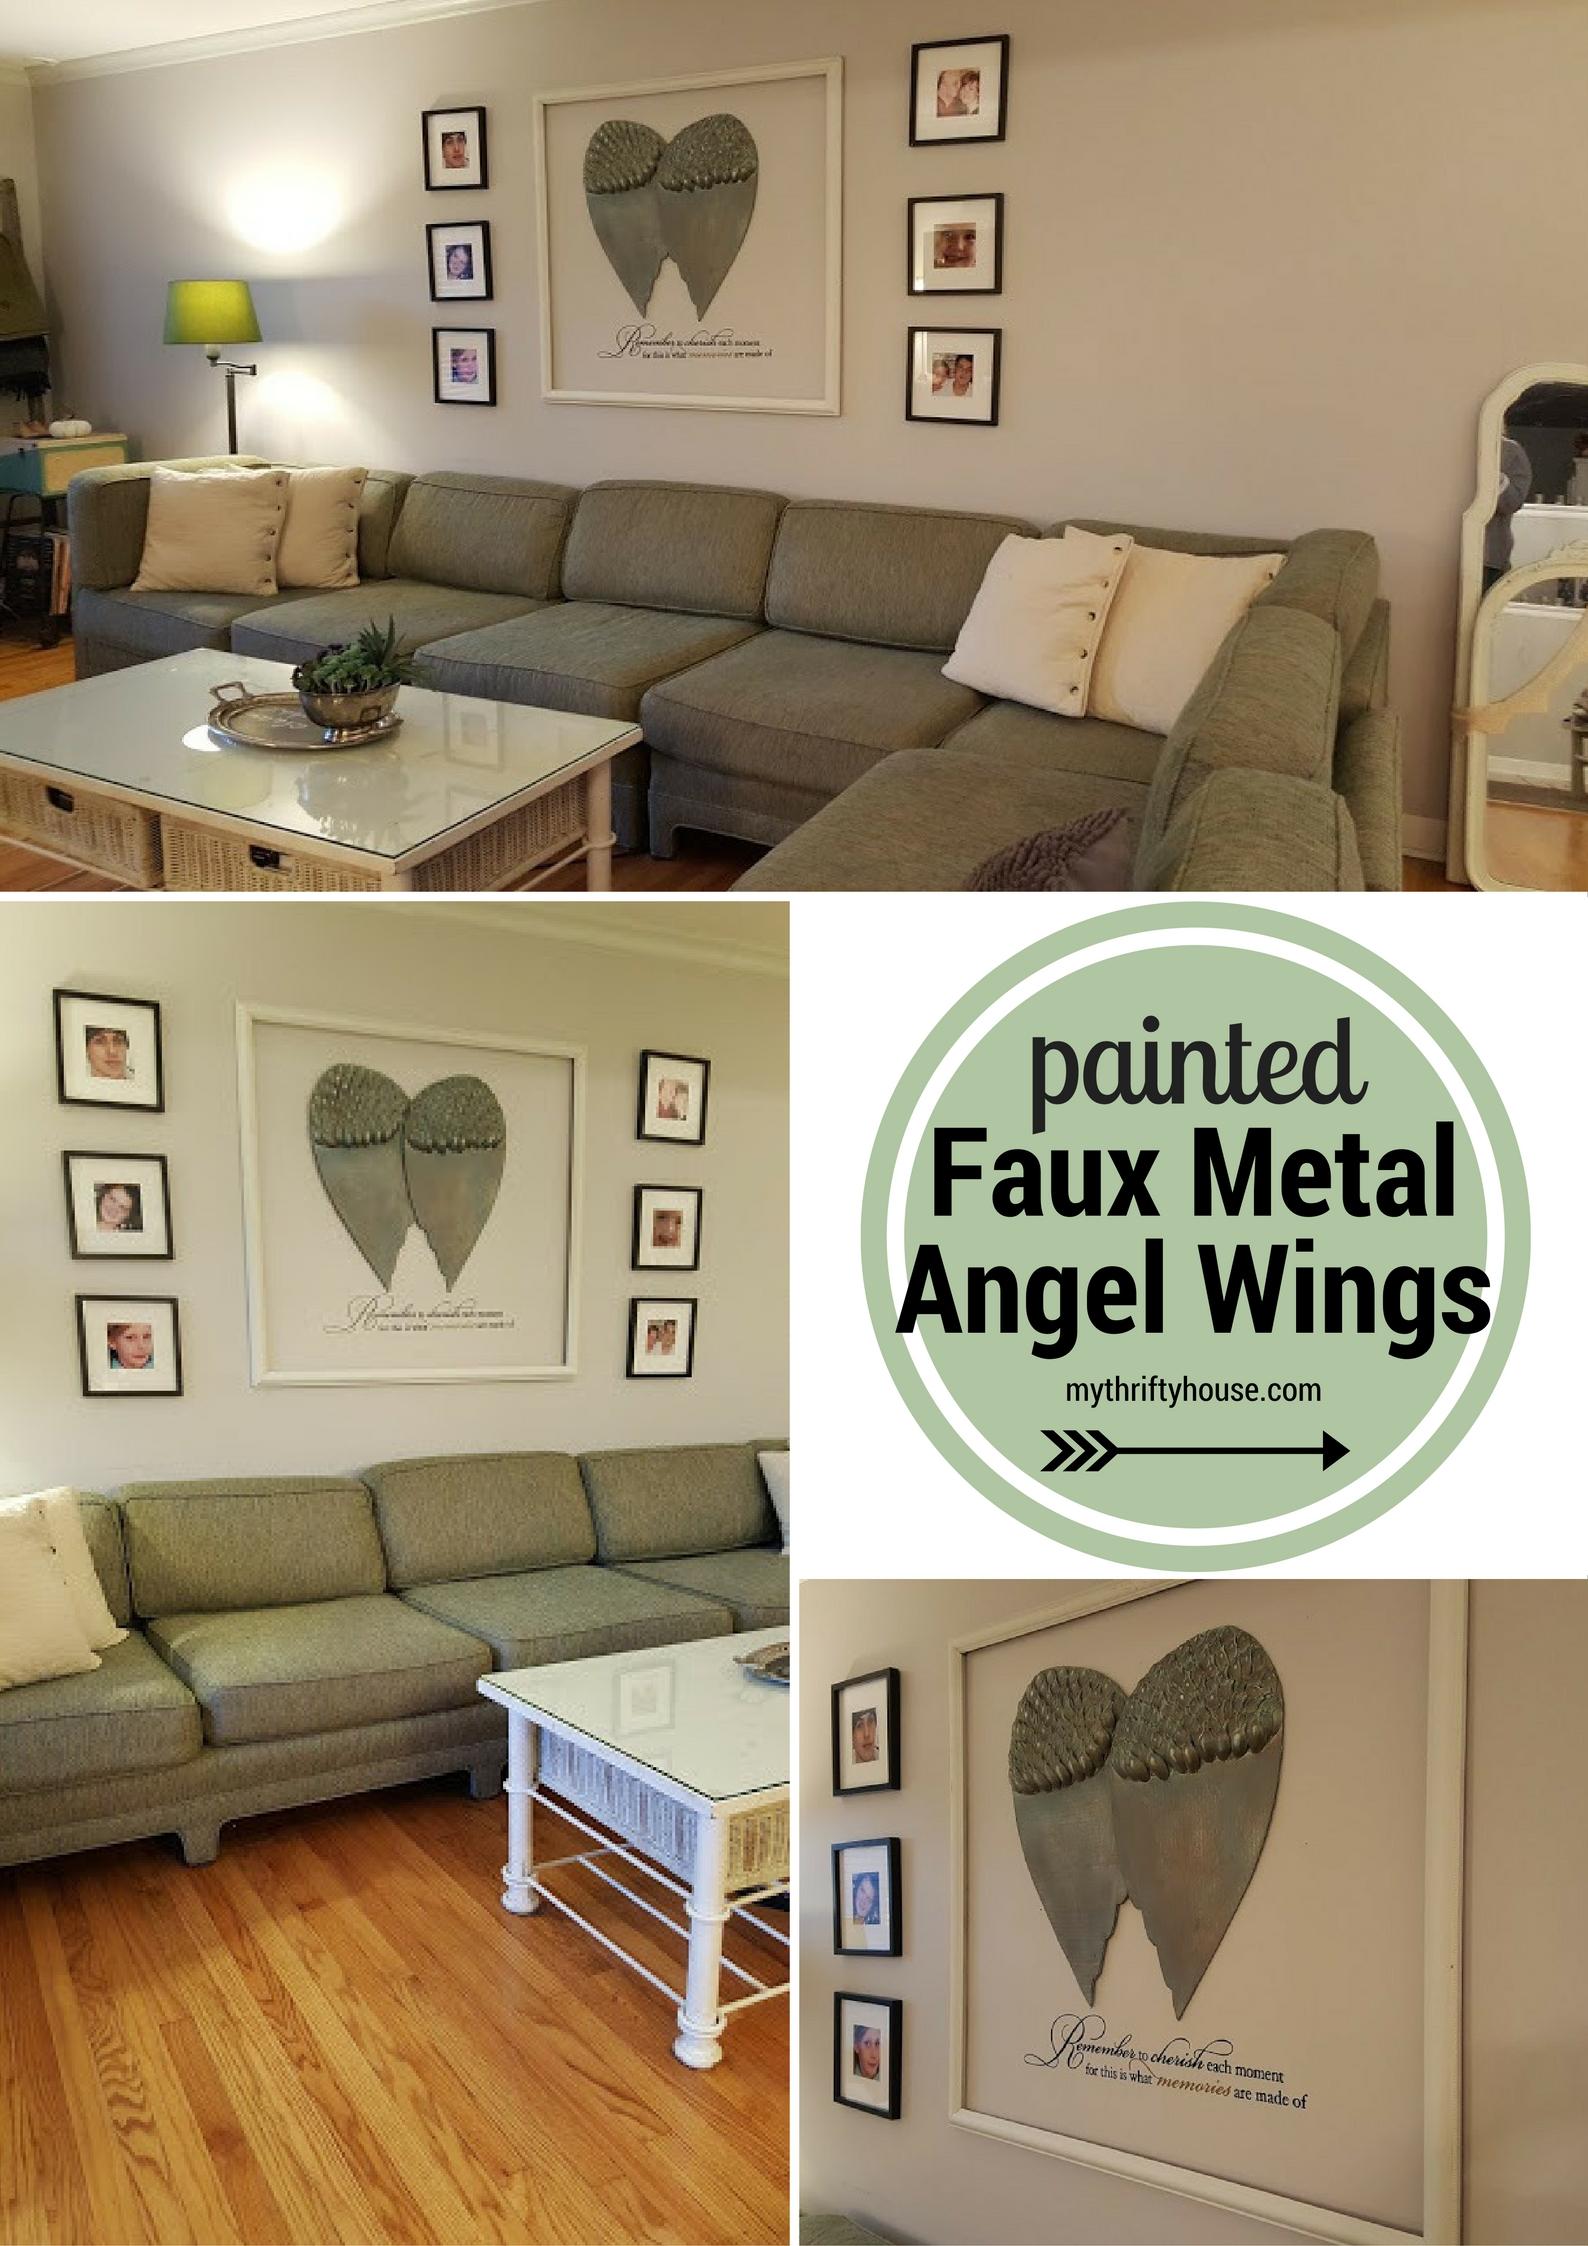 cardboard-painted-faux-metal-angel-wings